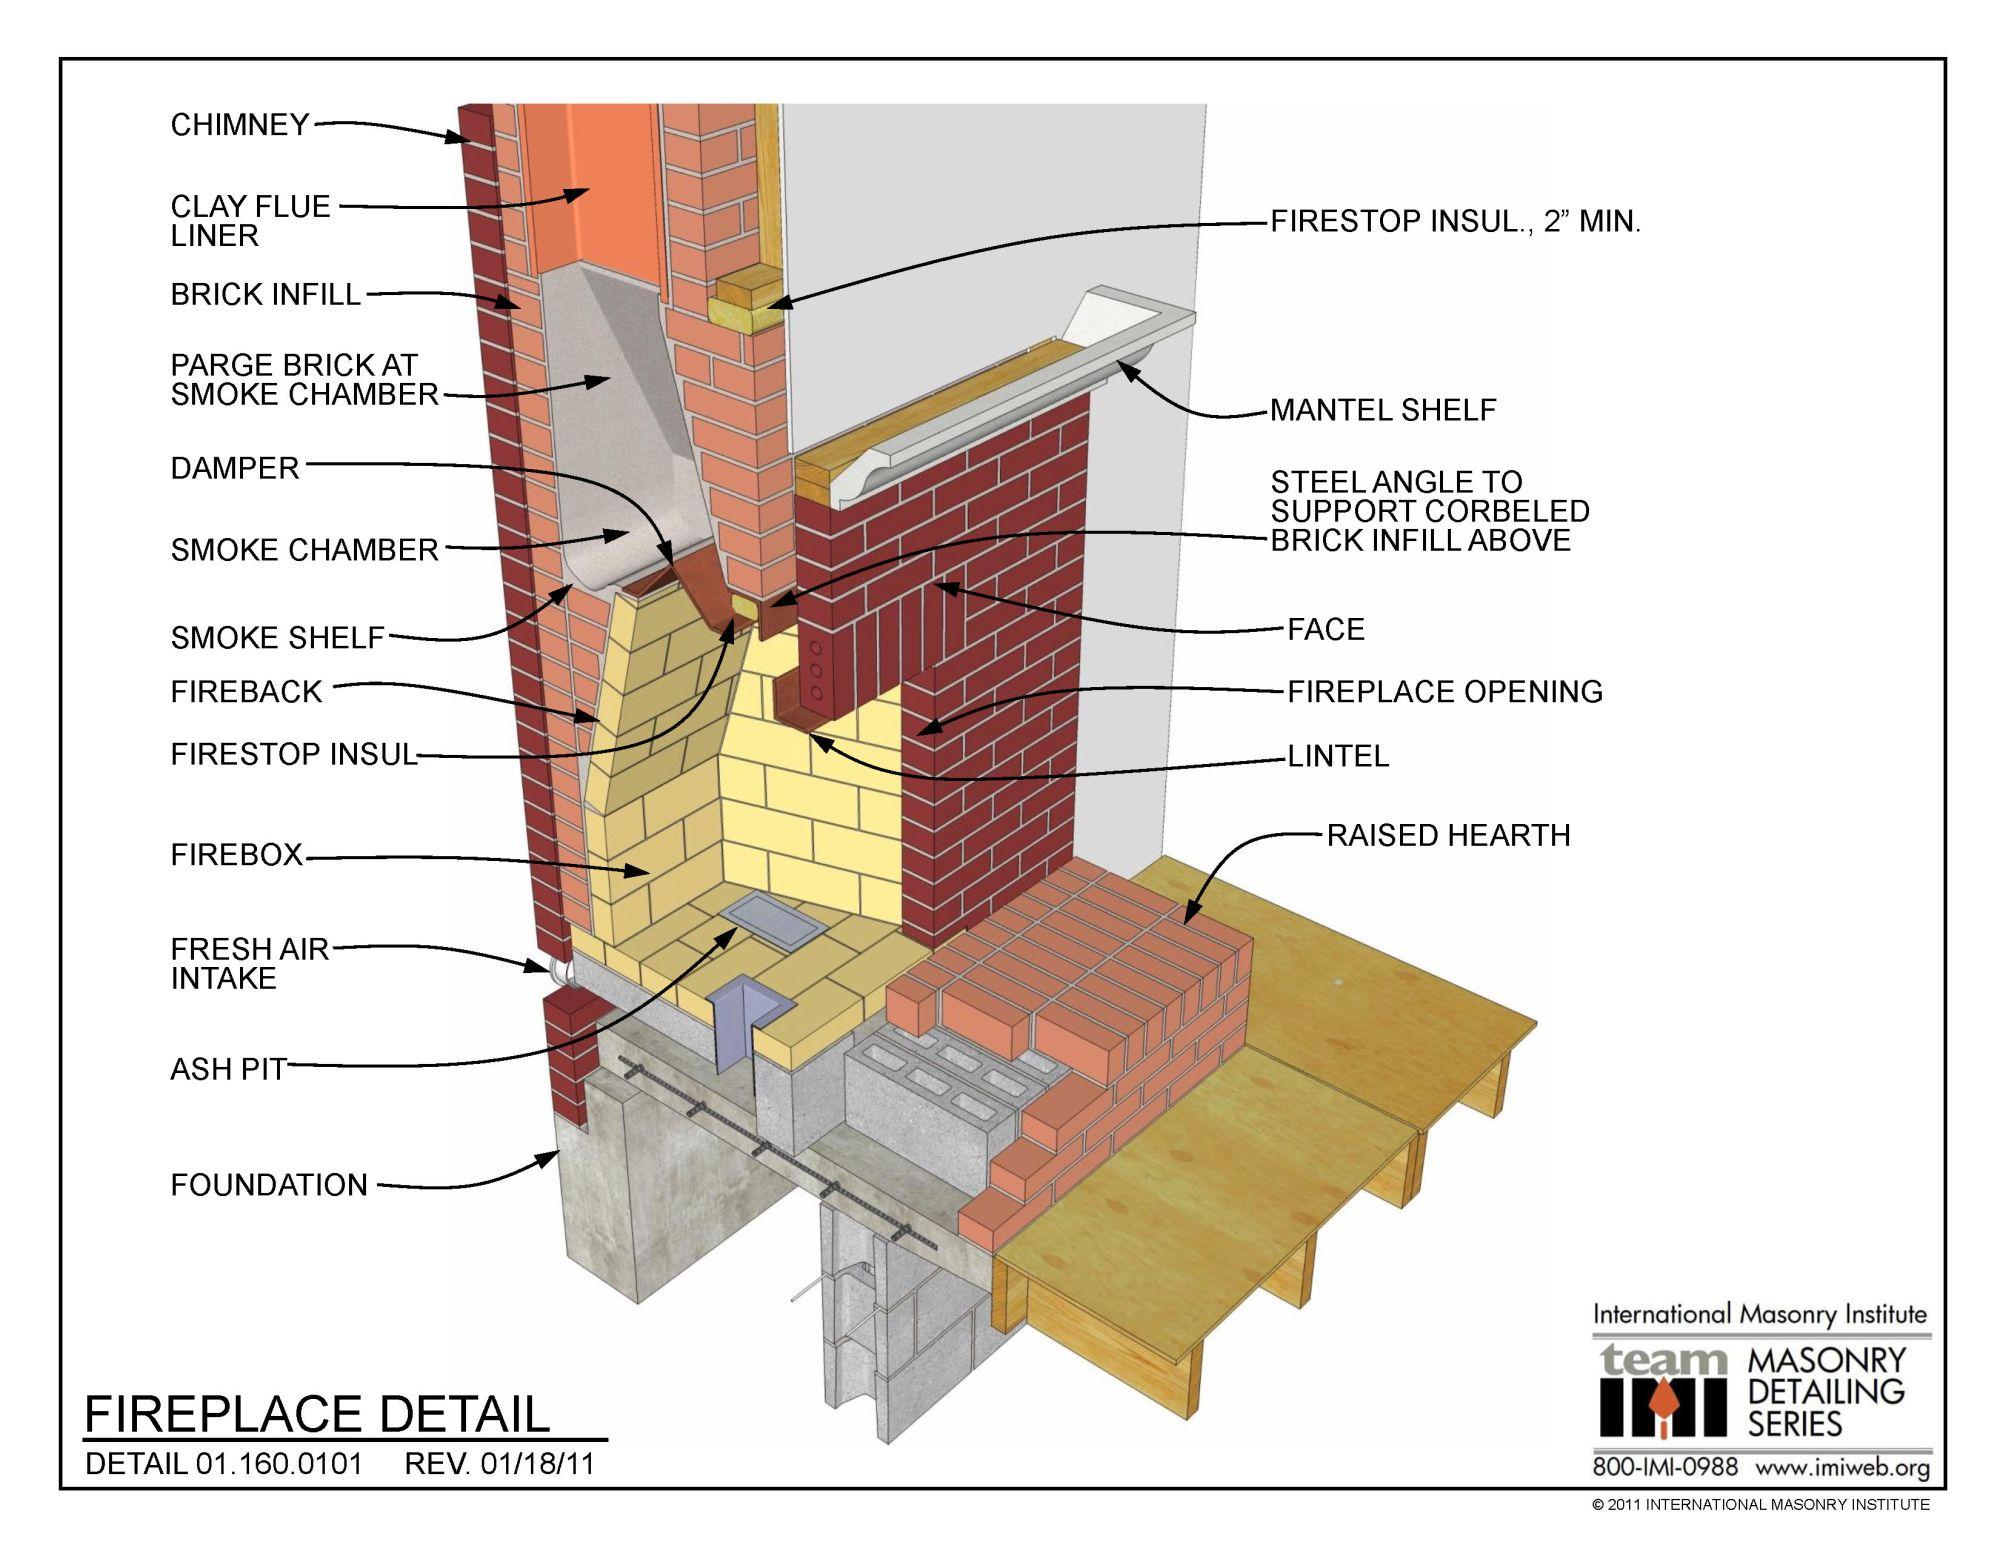 hight resolution of masonry detailing series